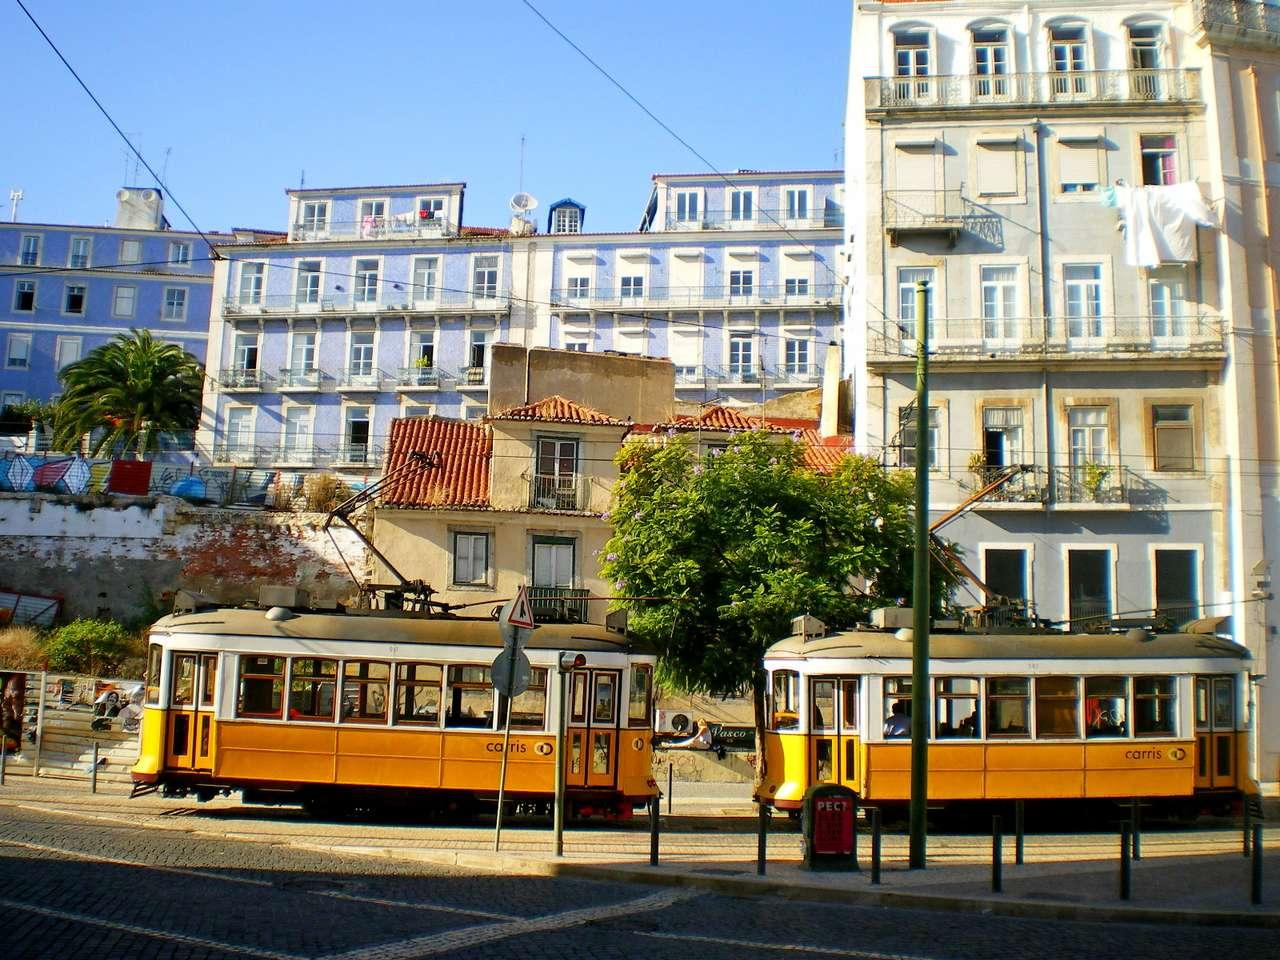 Lisboa eléctrica